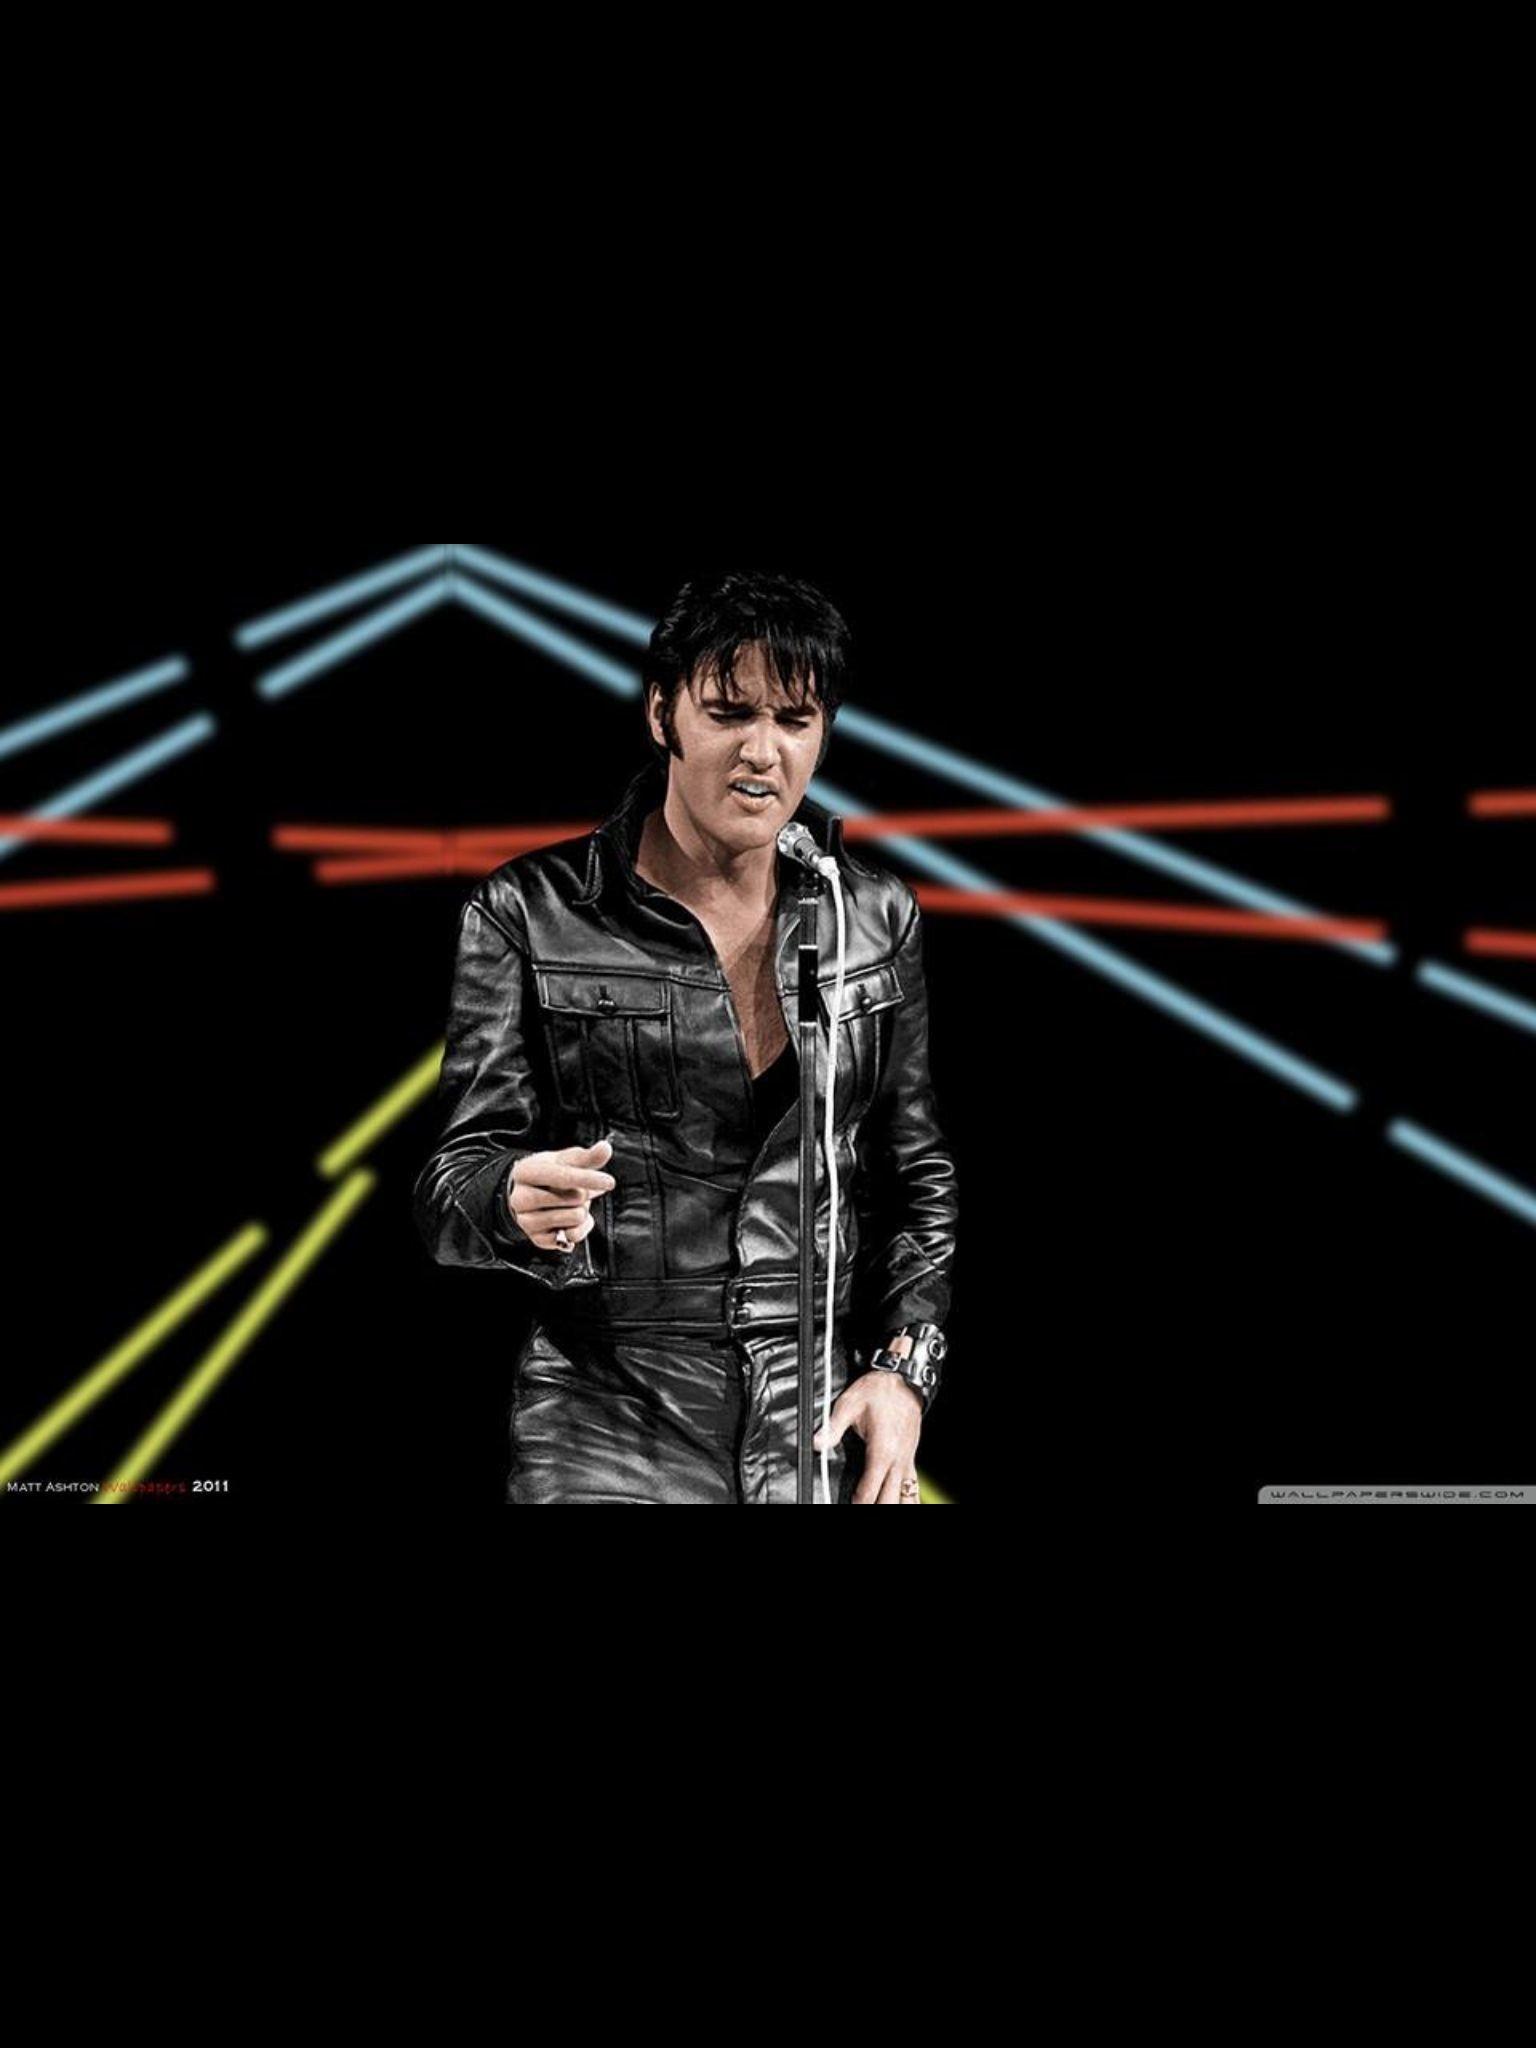 Elvis Presley Wallpapers 58 Pictures